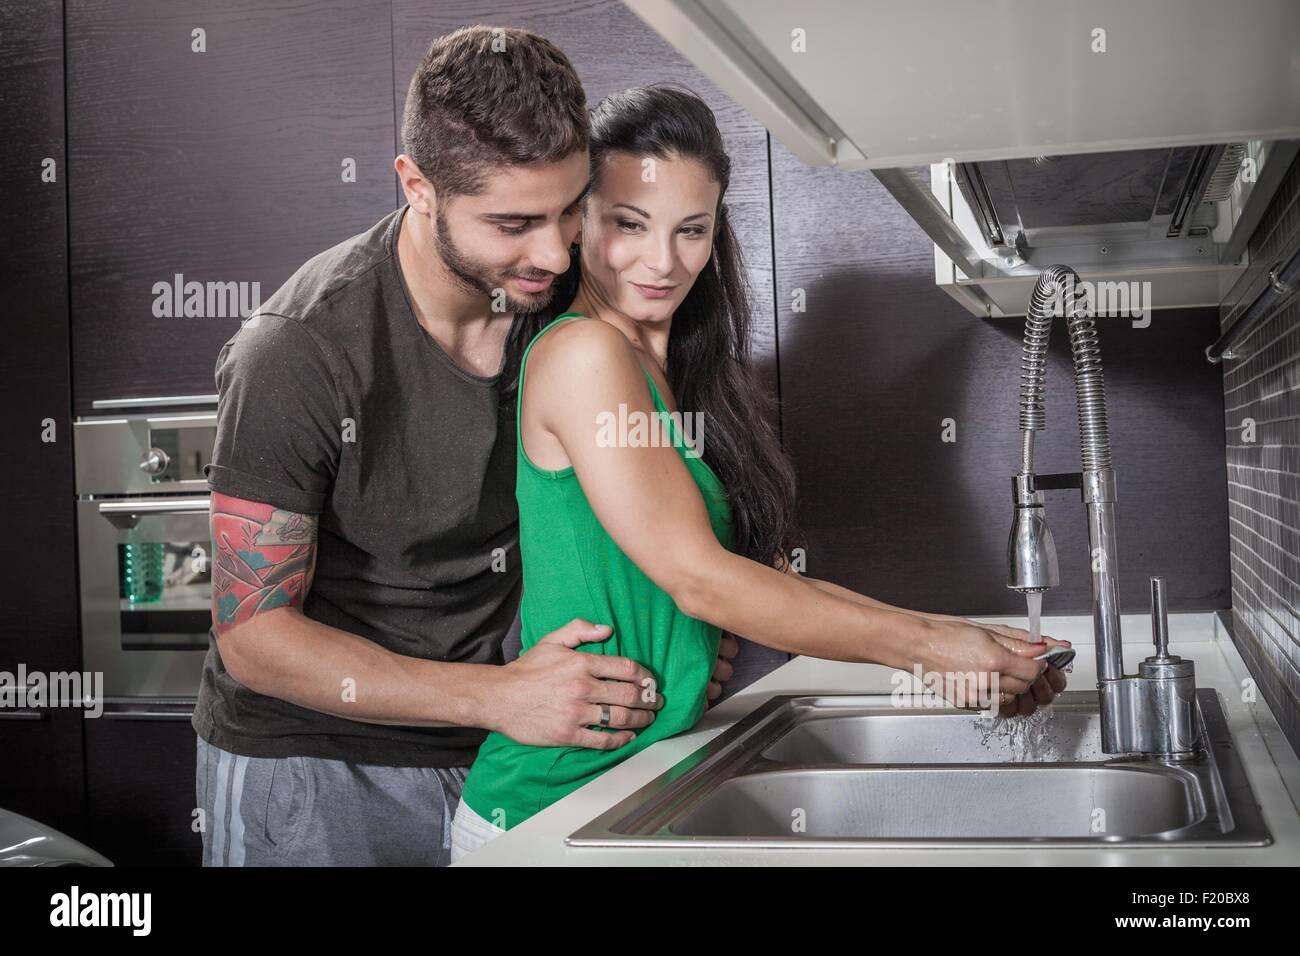 Giovane donna lavaggio fino pur essendo abbracciata dal fidanzato Immagini Stock